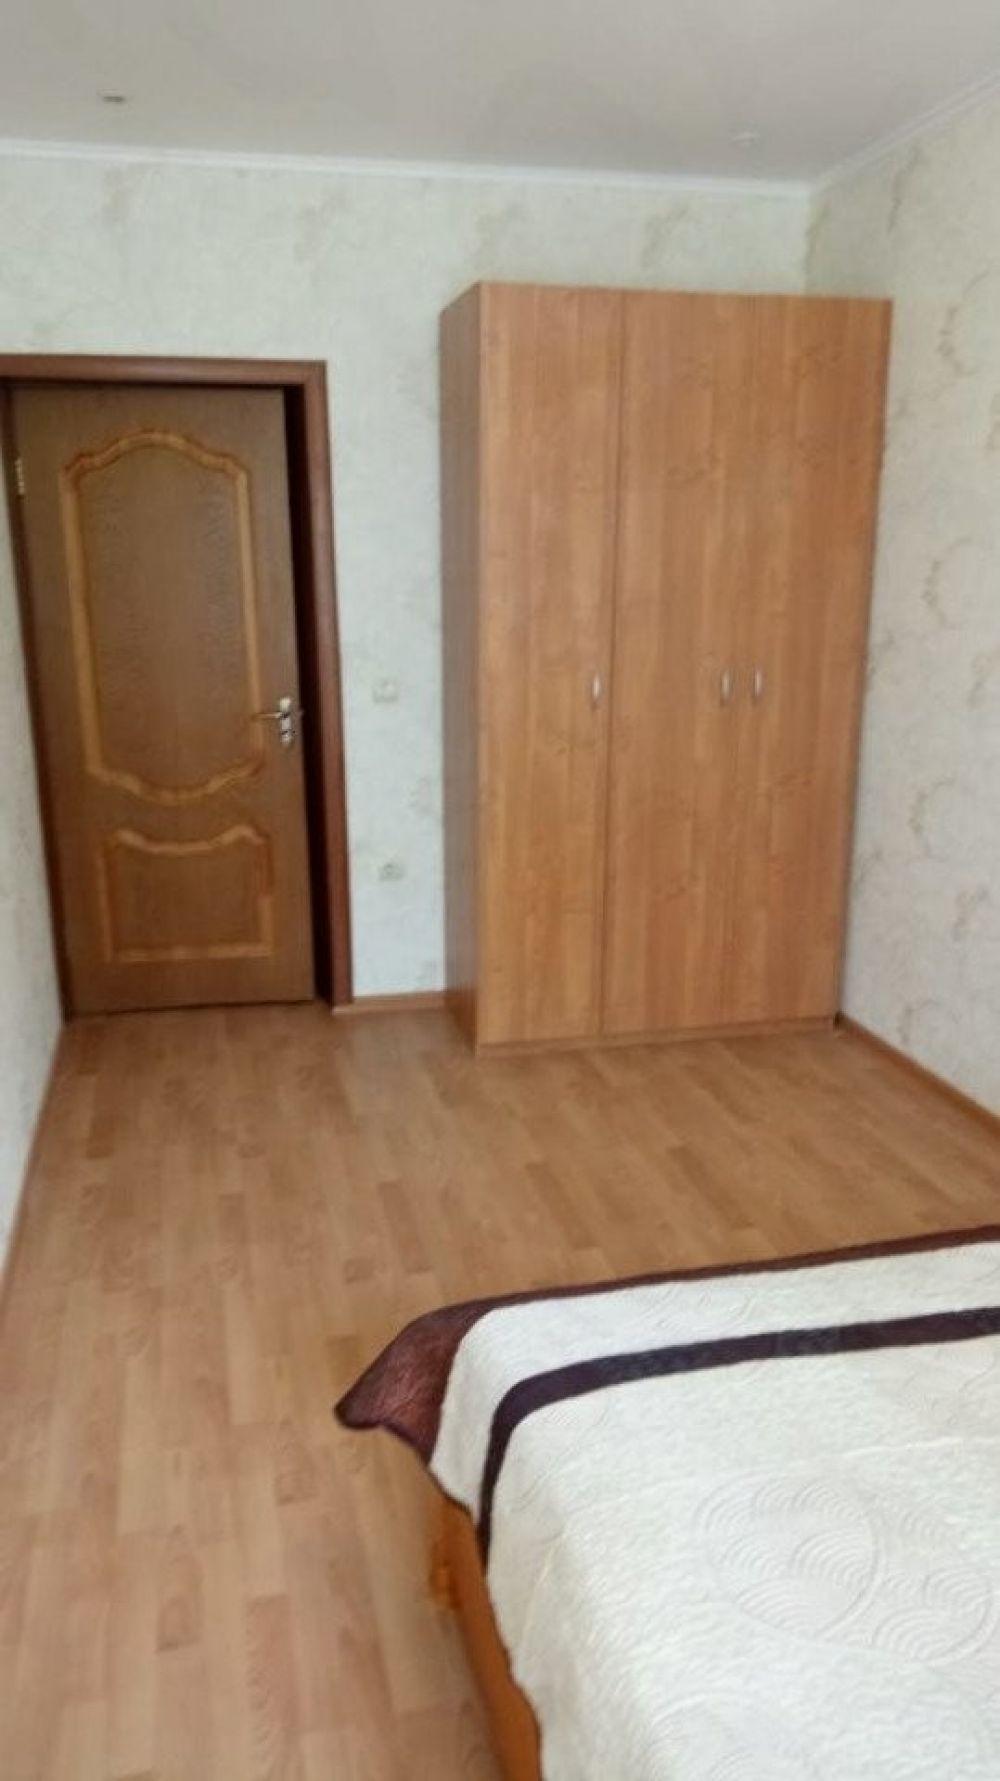 Продается 3-х комнатная квартира в Щелково Заречная 4, фото 12